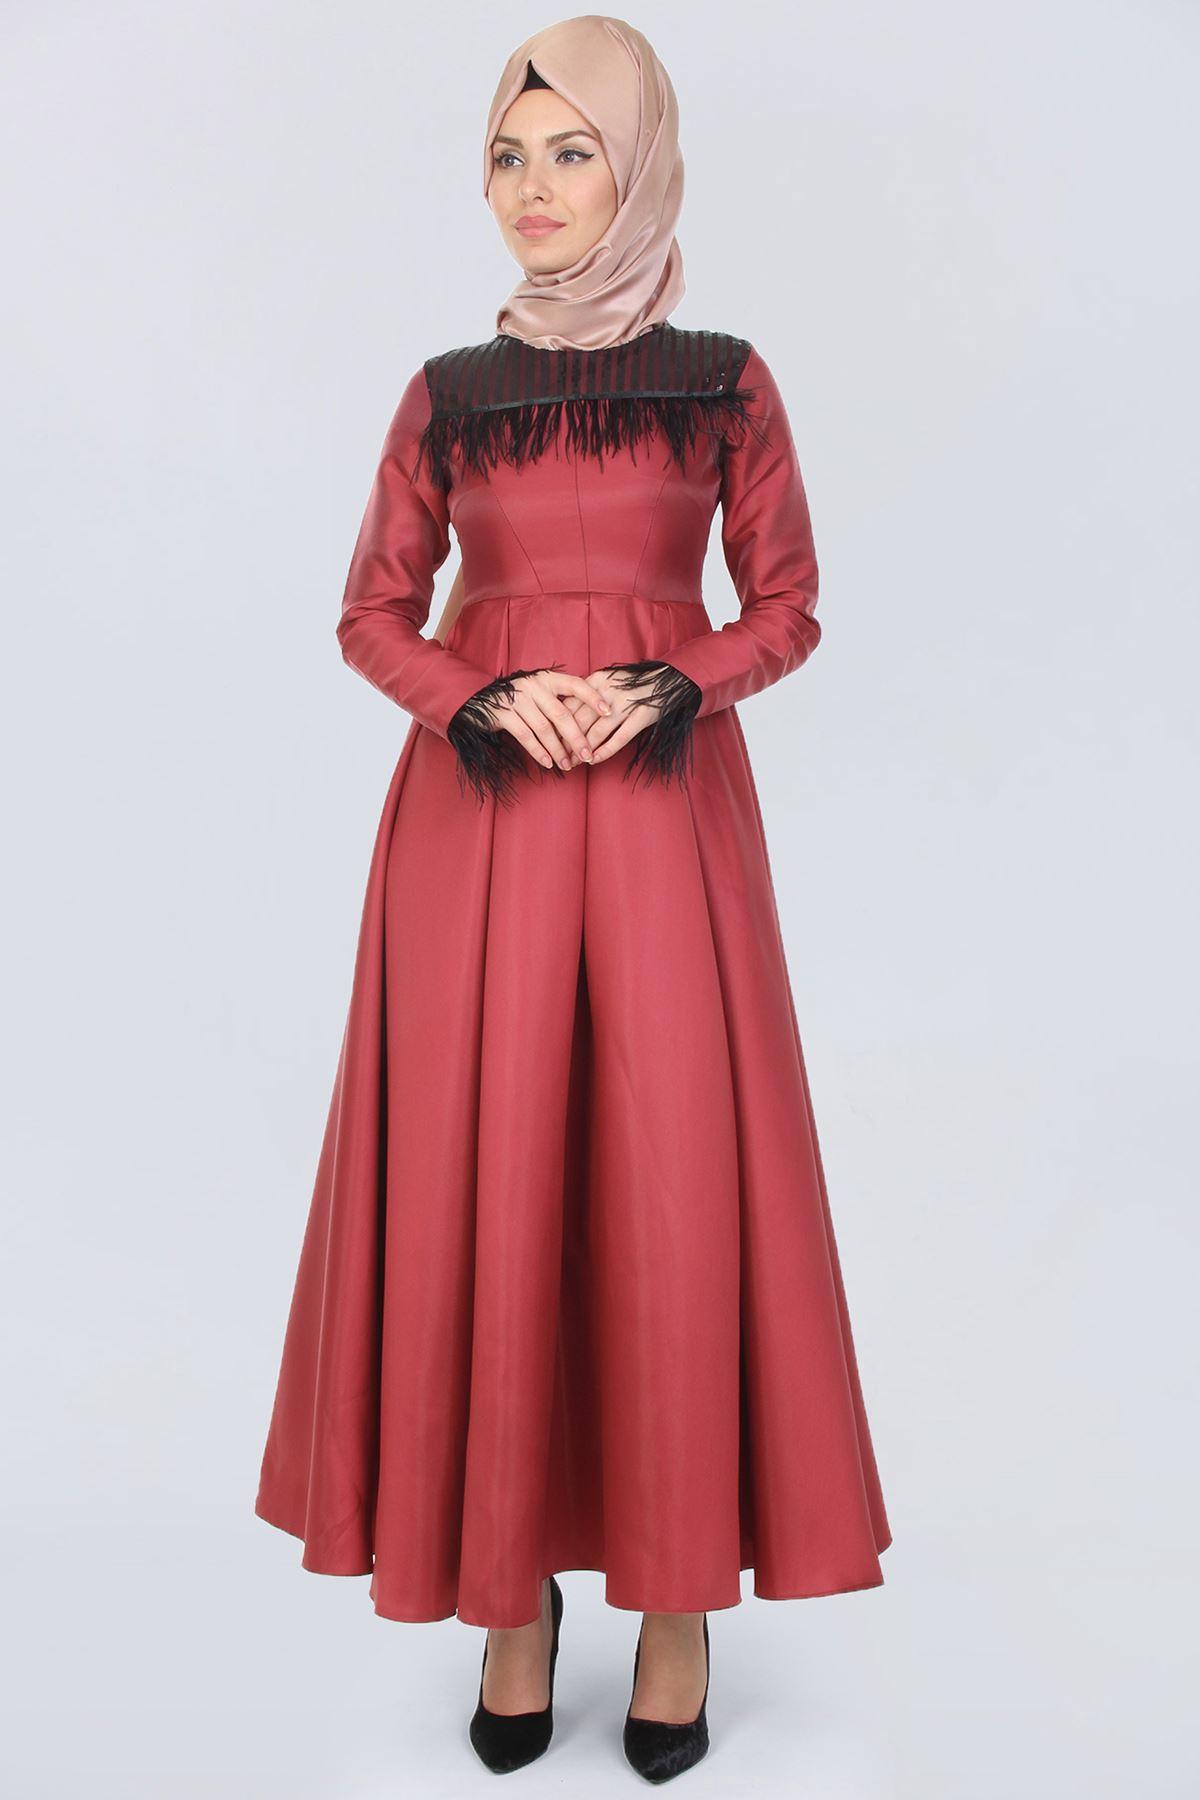 2018 Patirti.Com Tesettur Abiye Modelleri 1 - 2018 Sedanur Tesettür Abiye Elbise Modelleri